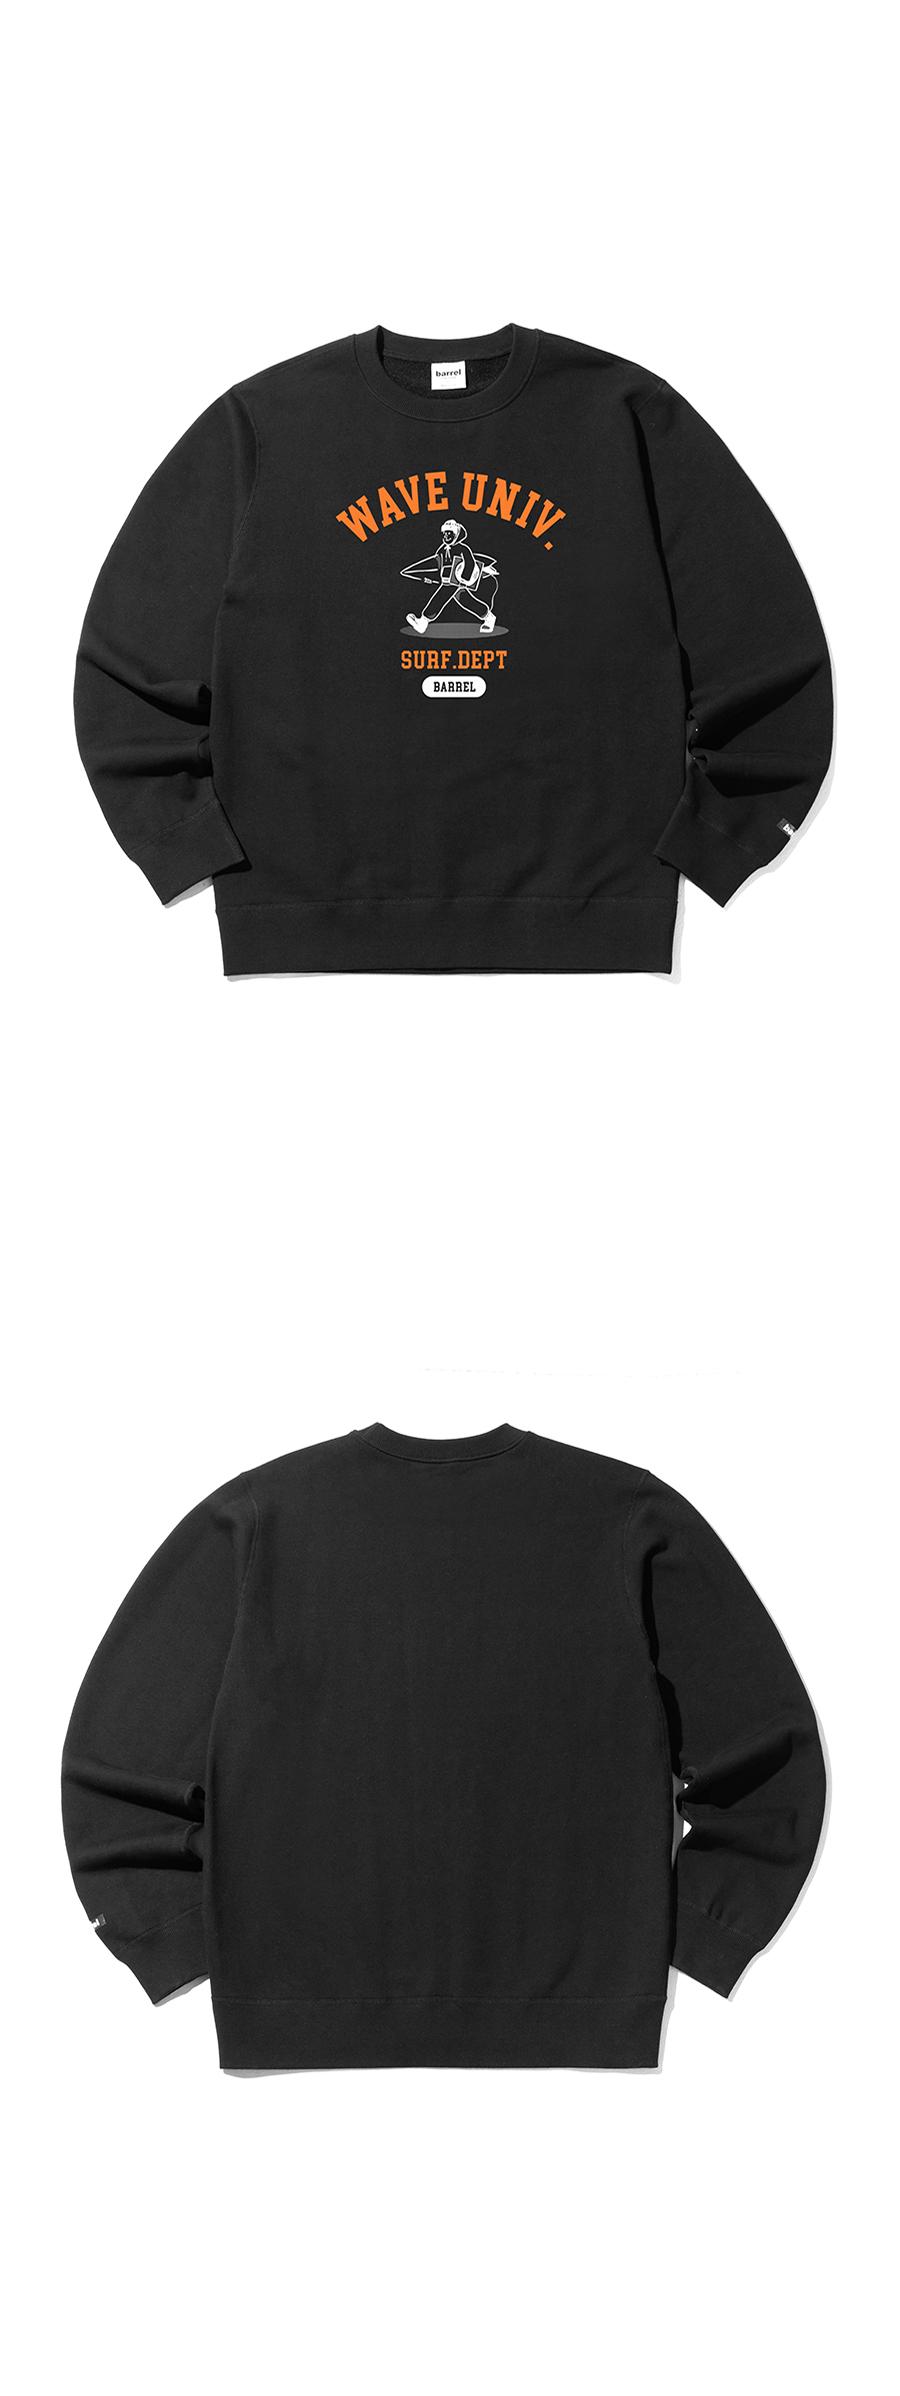 배럴(BARREL) 유니섹스 유니버시티 그래픽 스웨트셔츠 블랙 (BH1UHMM05BLK)